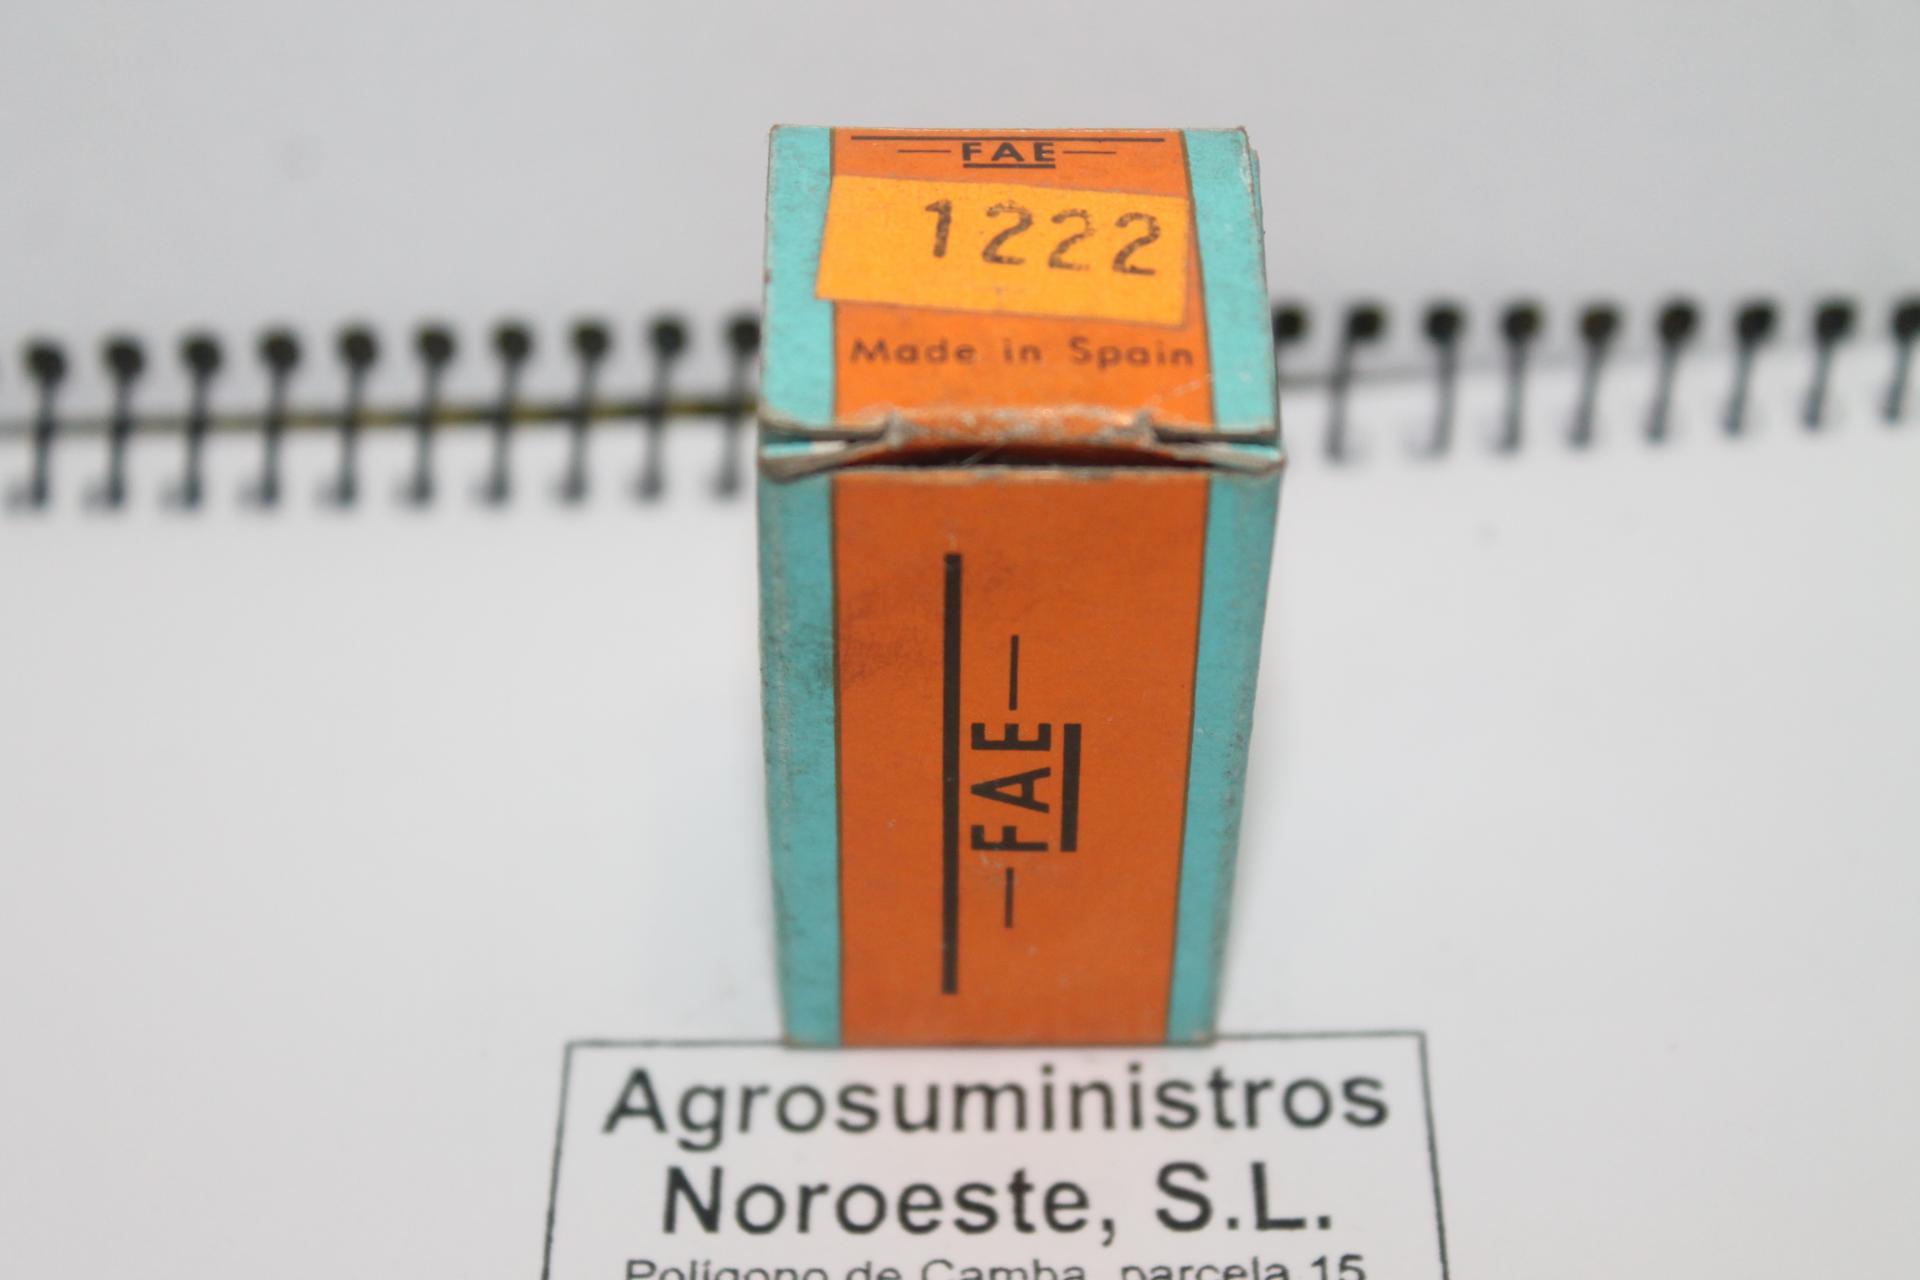 Manocontacto FAE 1222